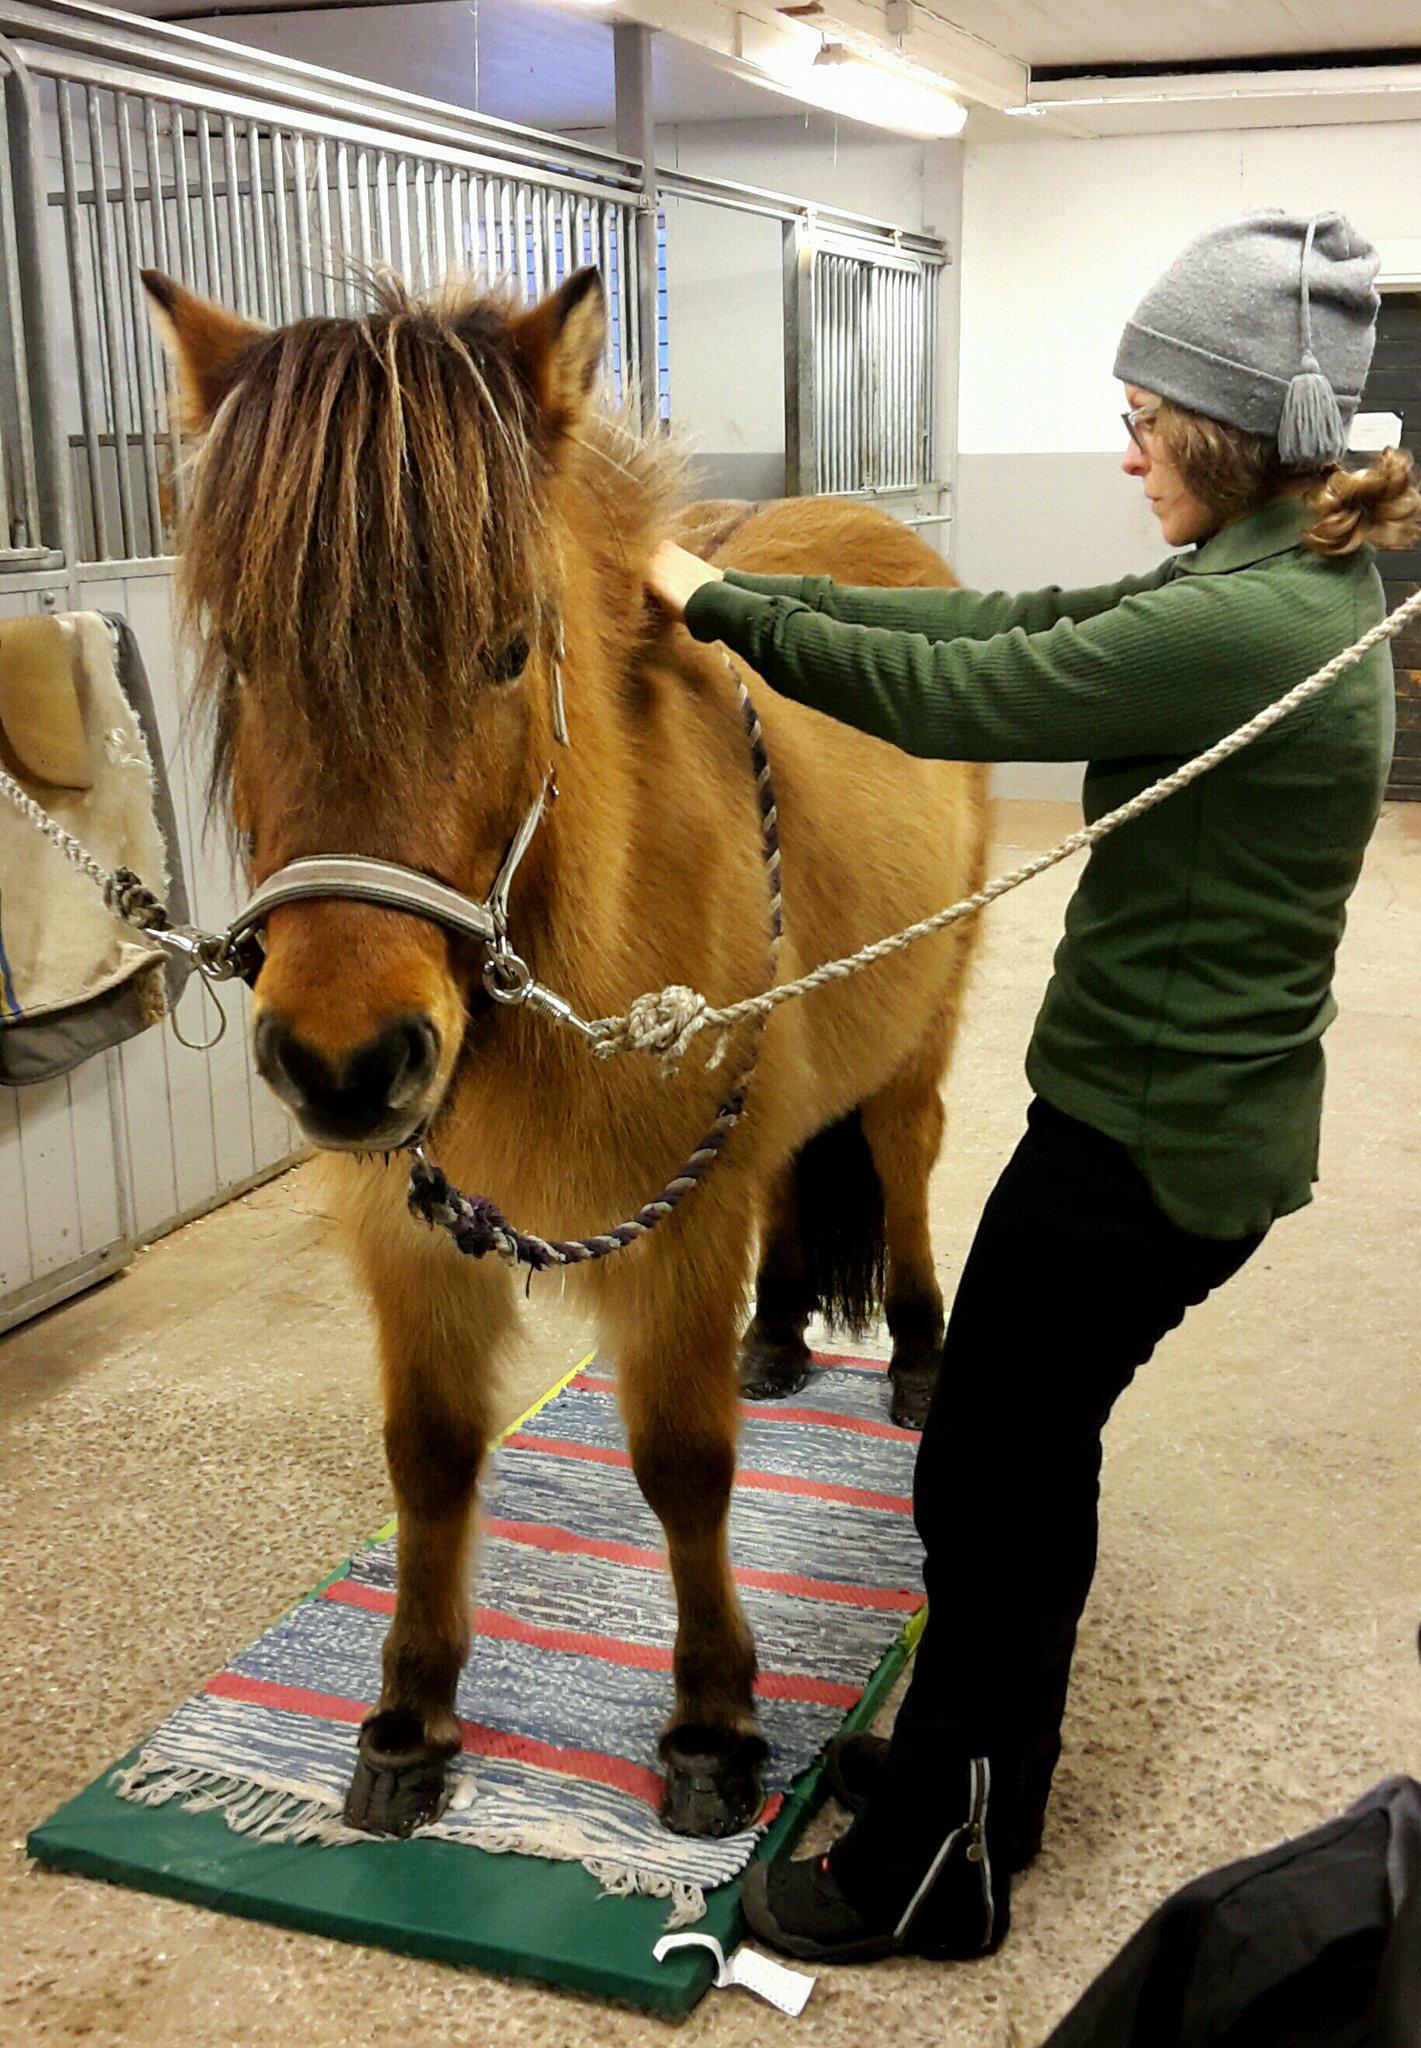 träna hästens hållning